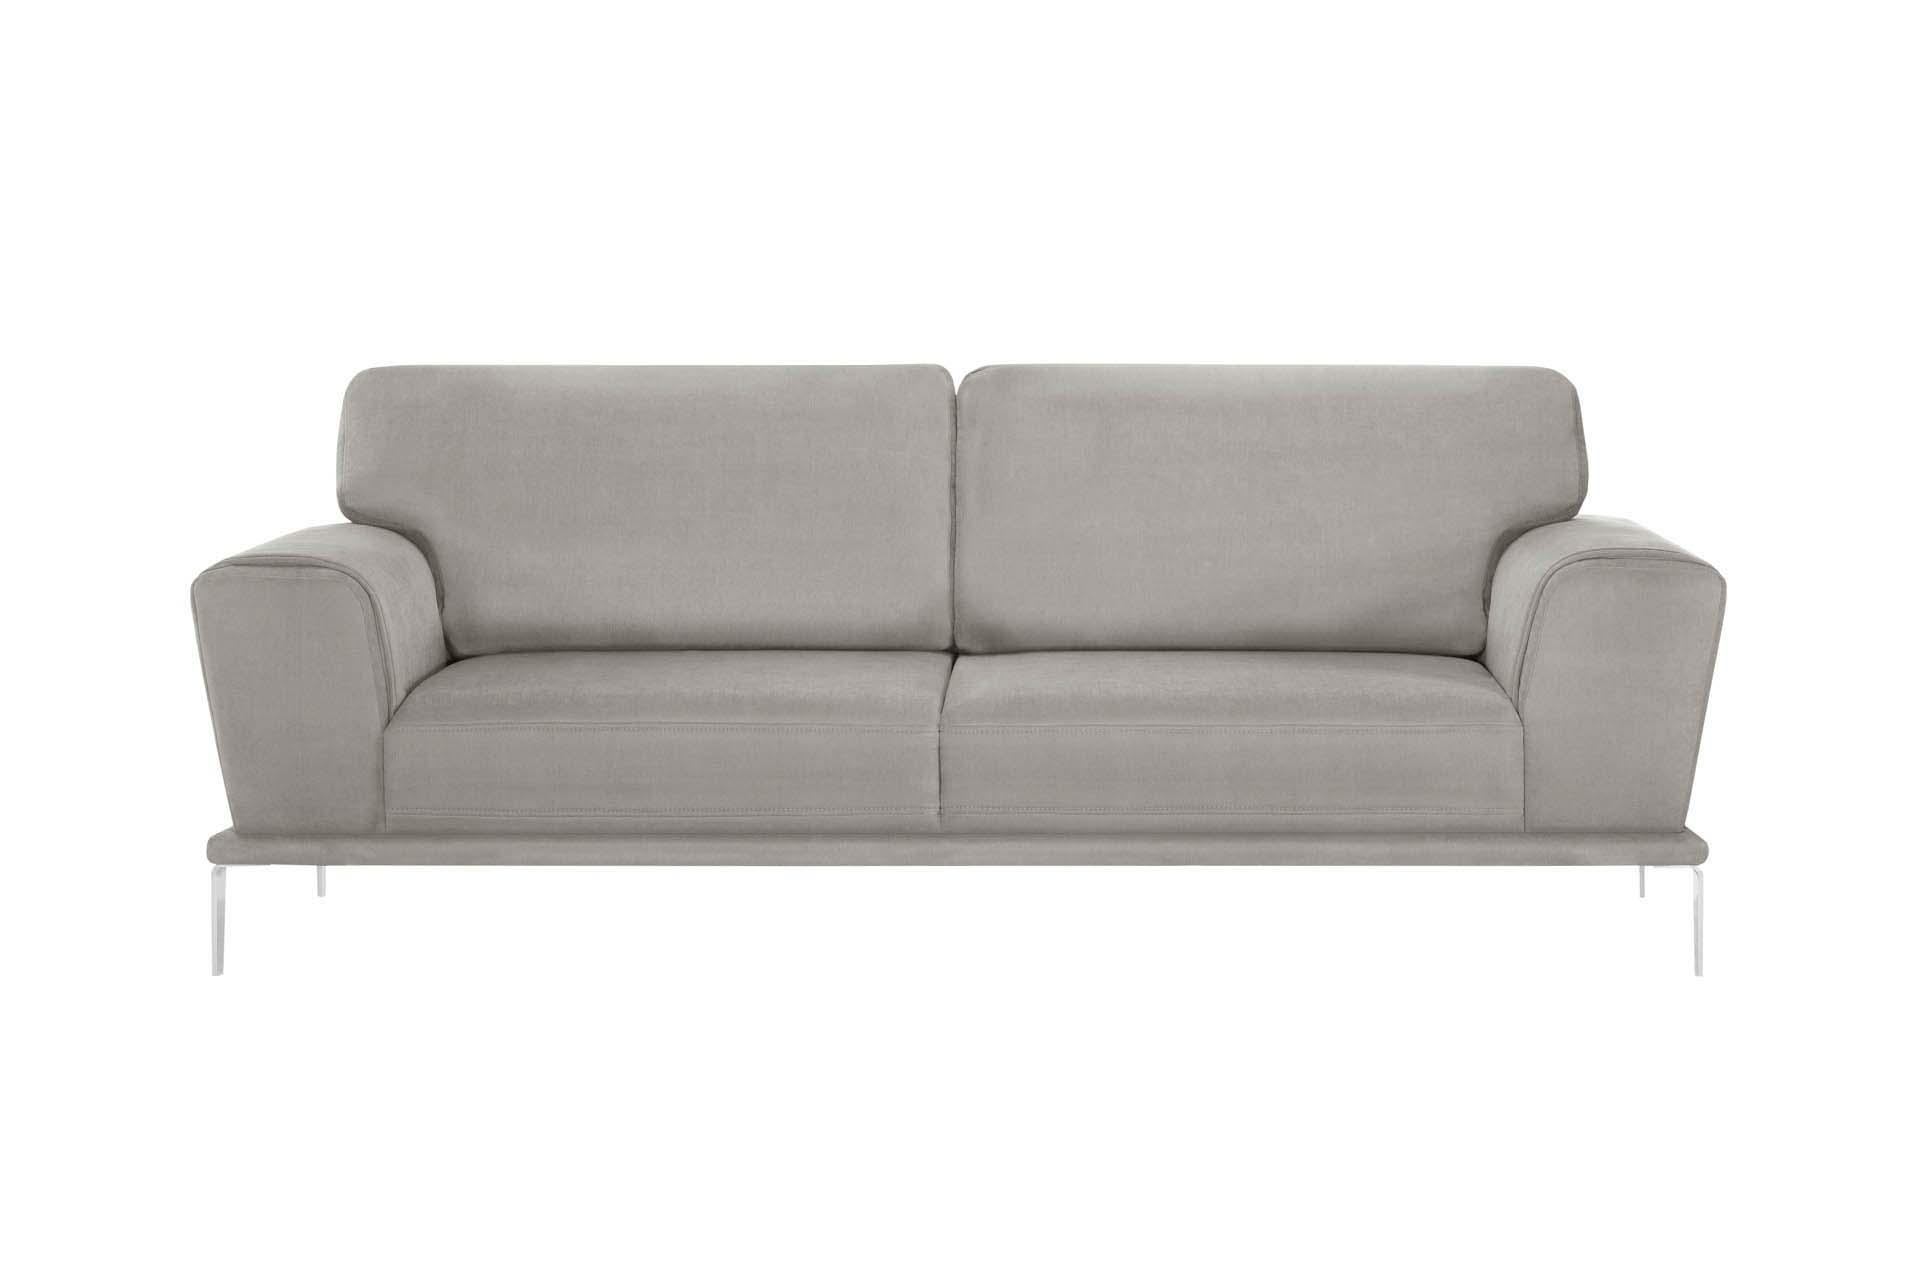 Canapé 3 places toucher coton gris clair